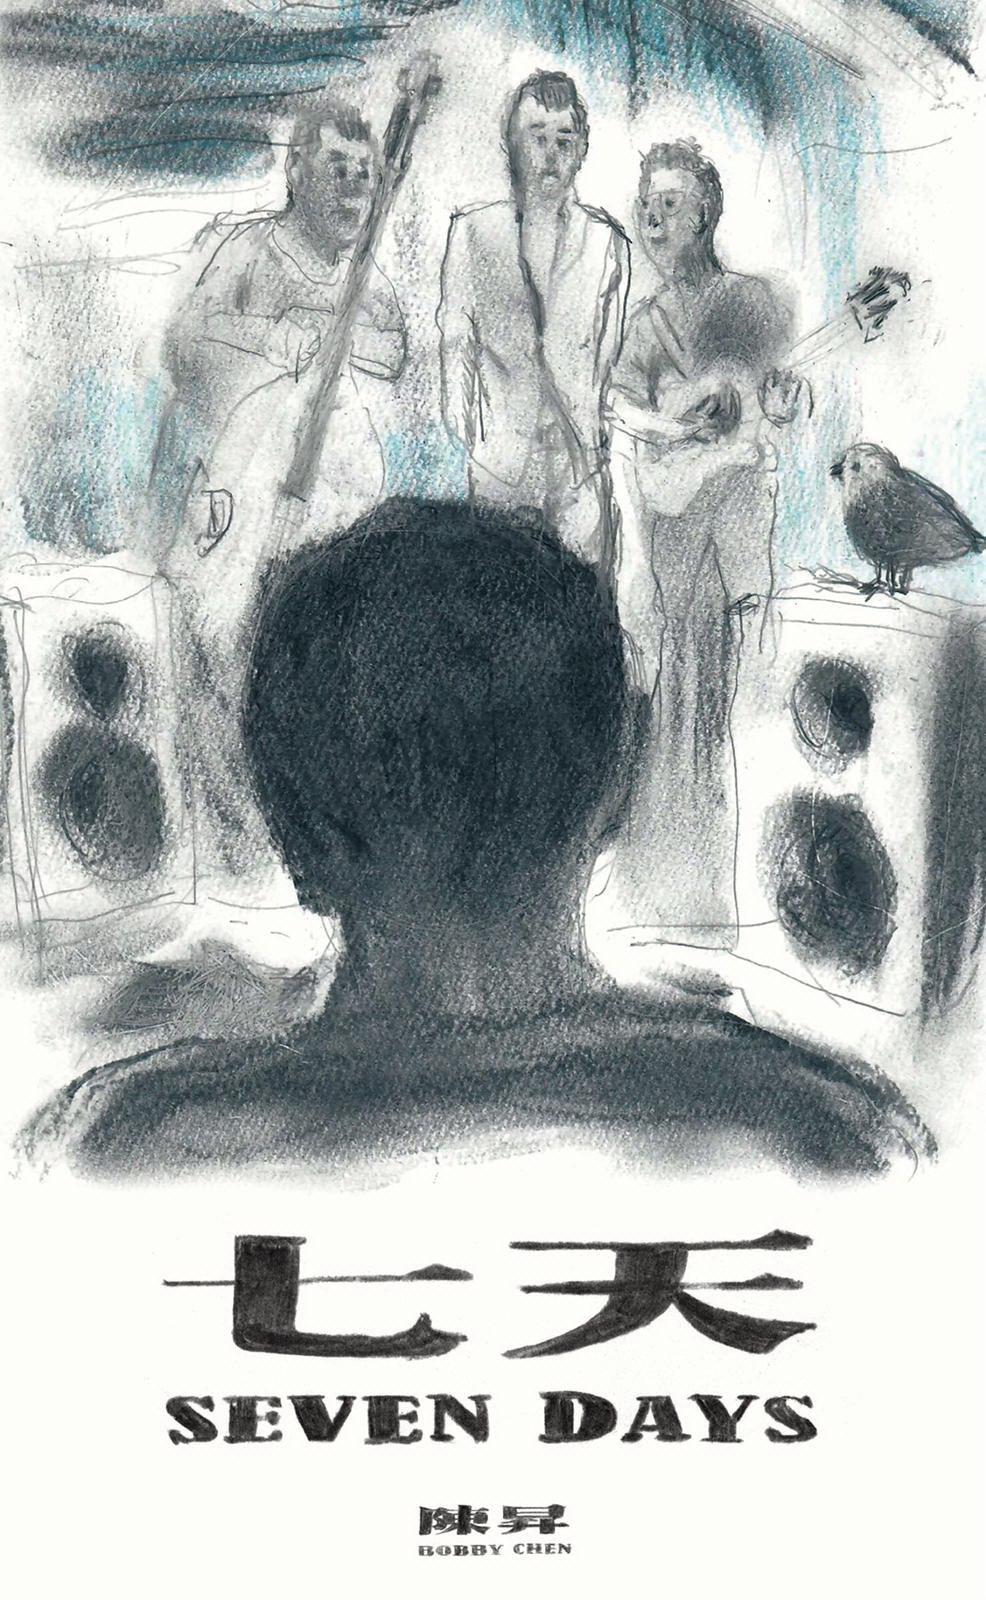 陳昇手繪畫作成新專輯「七天」的封面。圖/新樂園製作提供